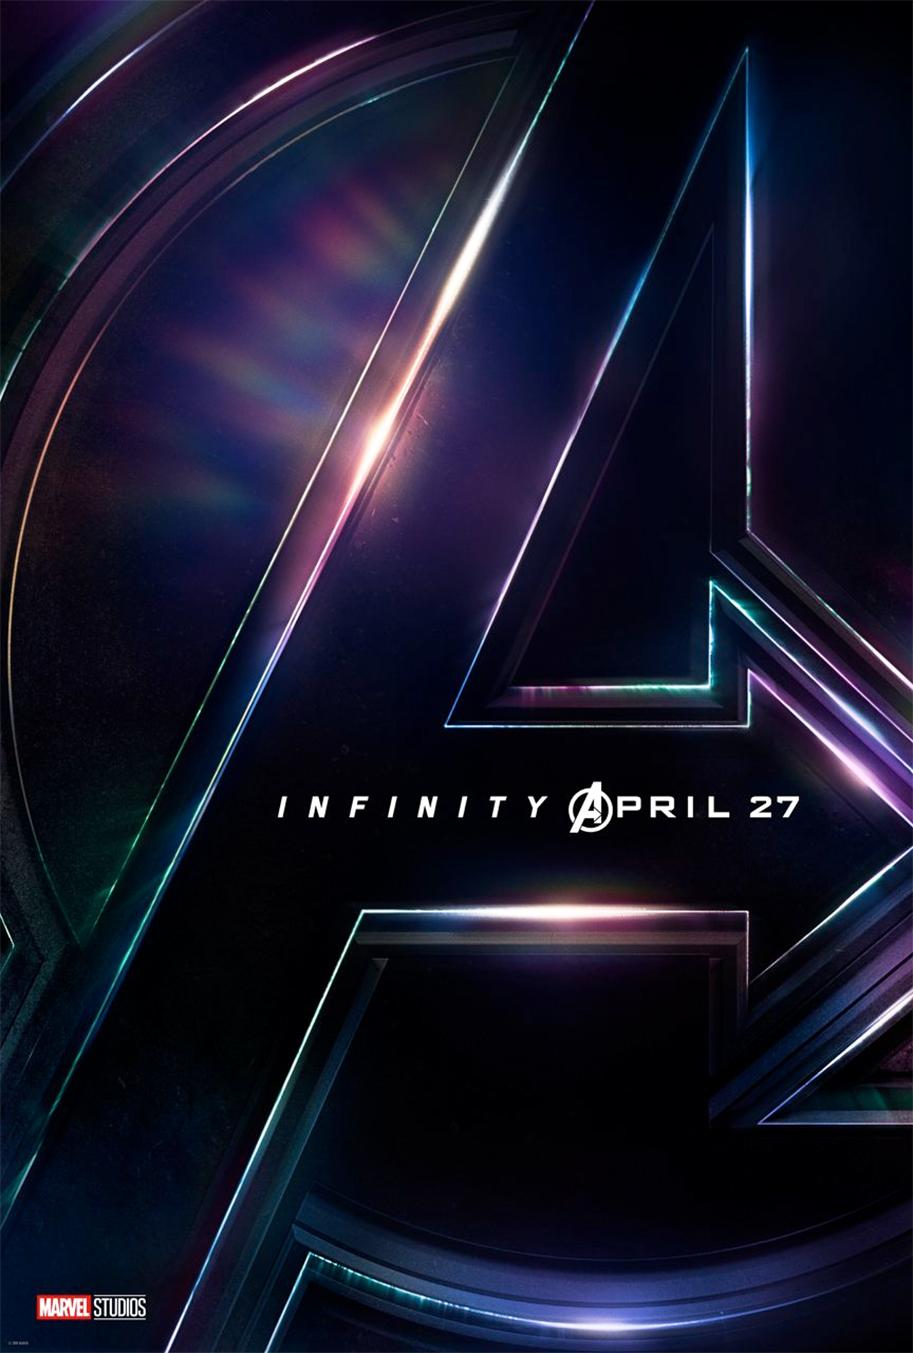 Avengers-Infinity-War-April-poster.jpg